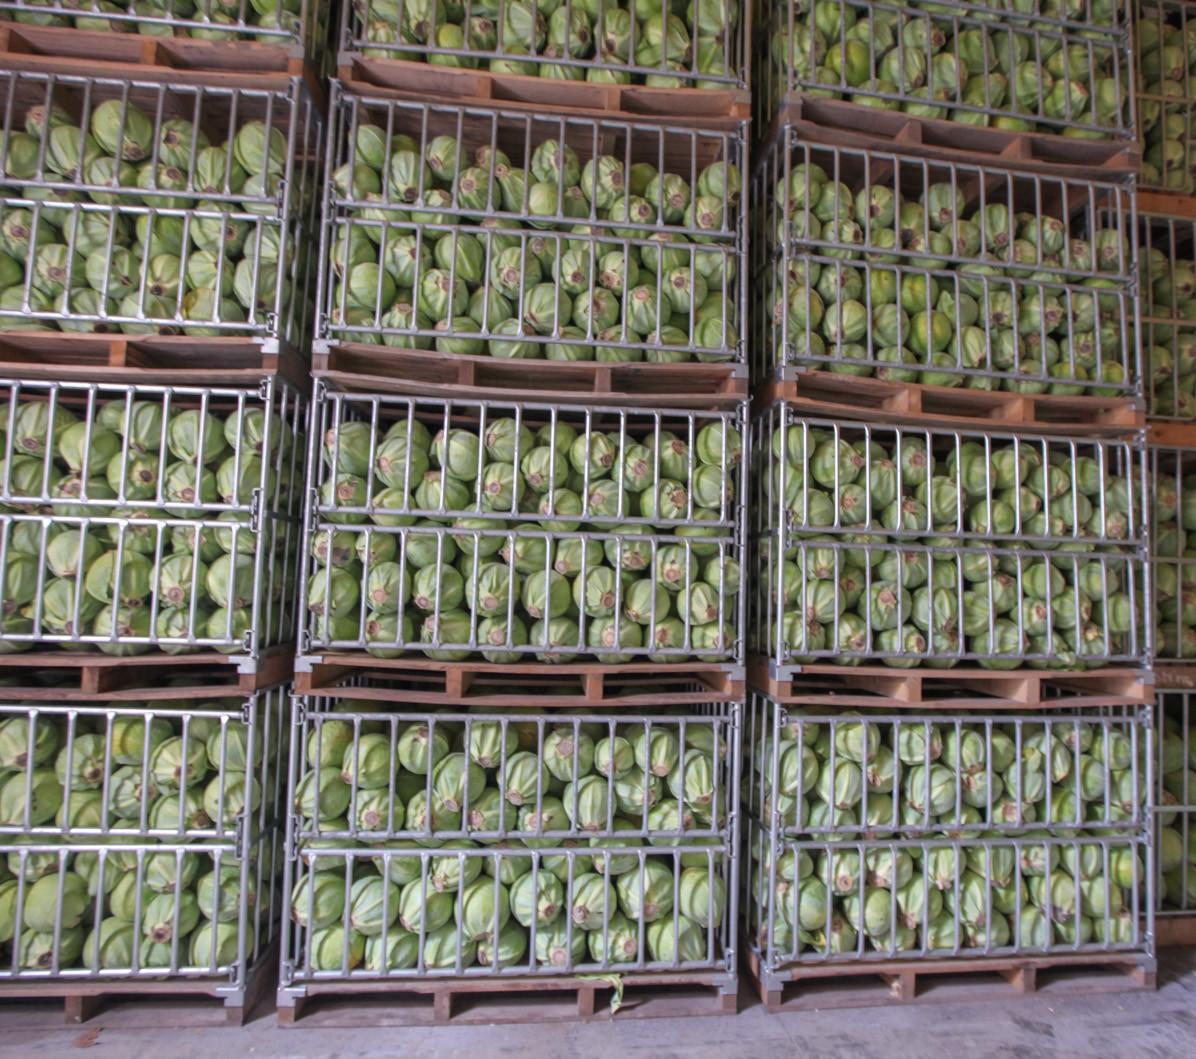 Odmiany kapusty - Kapusty przechowalnicze